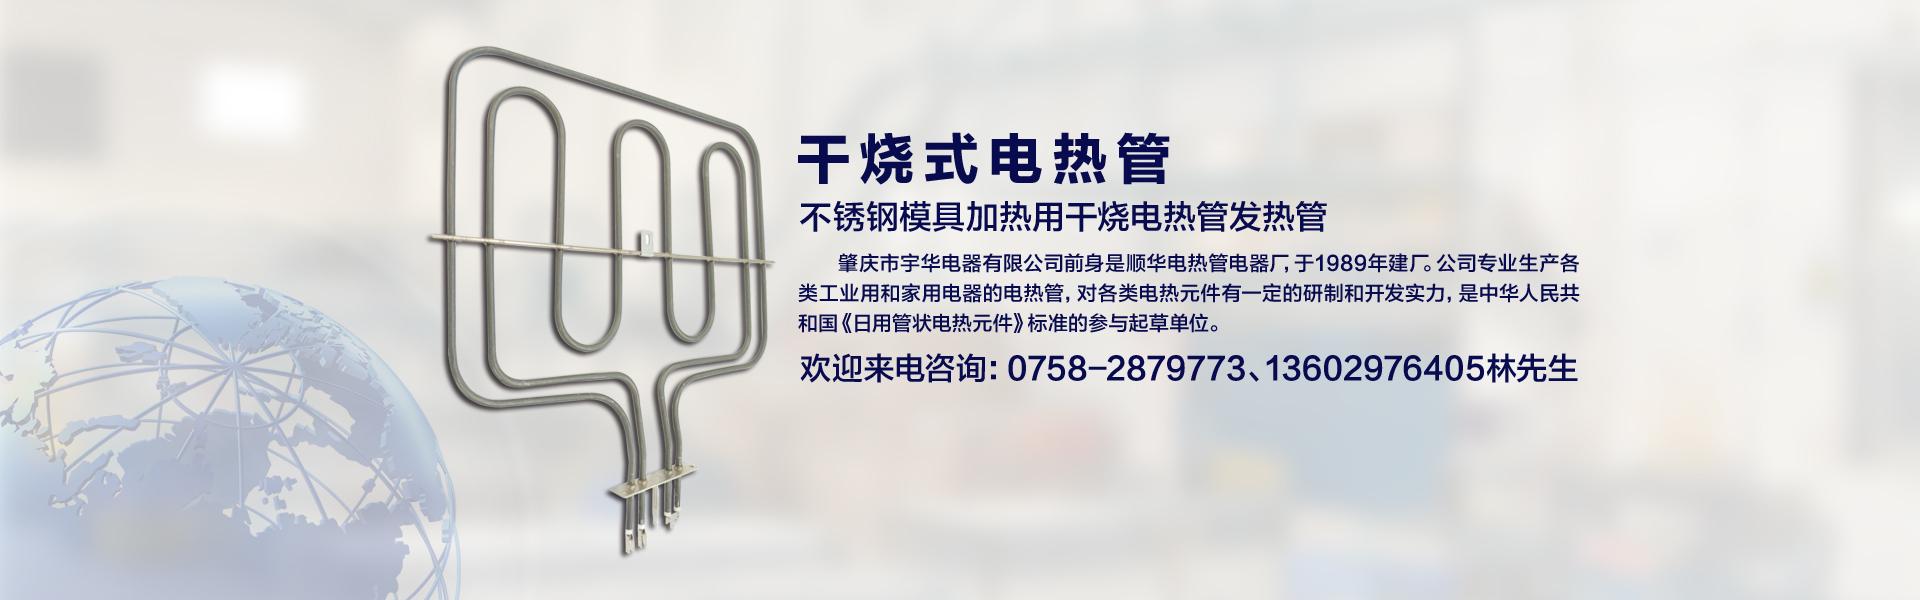 肇慶市宇華電器有限公司專業生產干燒式電熱管,單頭電熱管和不銹鋼電加熱管。